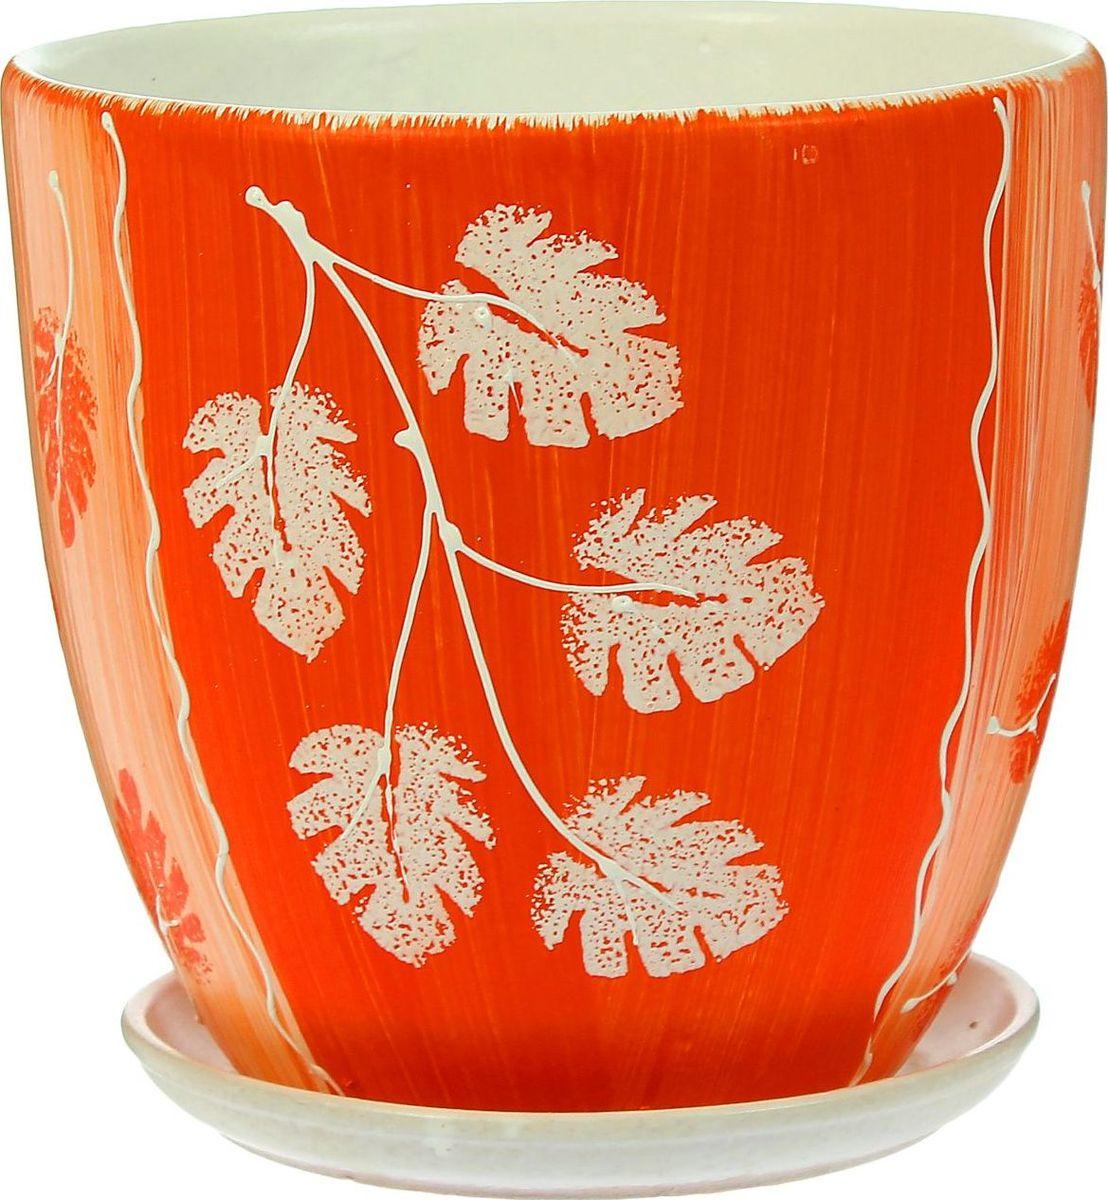 Кашпо Акварель, цвет: оранжевый, 2,6 л1403453Комнатные растения — всеобщие любимцы. Они радуют глаз, насыщают помещение кислородом и украшают пространство. Каждому из них необходим свой удобный и красивый дом. Кашпо из керамики прекрасно подходят для высадки растений: за счёт пластичности глины и разных способов обработки существует великое множество форм и дизайновпористый материал позволяет испаряться лишней влагевоздух, необходимый для дыхания корней, проникает сквозь керамические стенки! #name# позаботится о зелёном питомце, освежит интерьер и подчеркнёт его стиль.